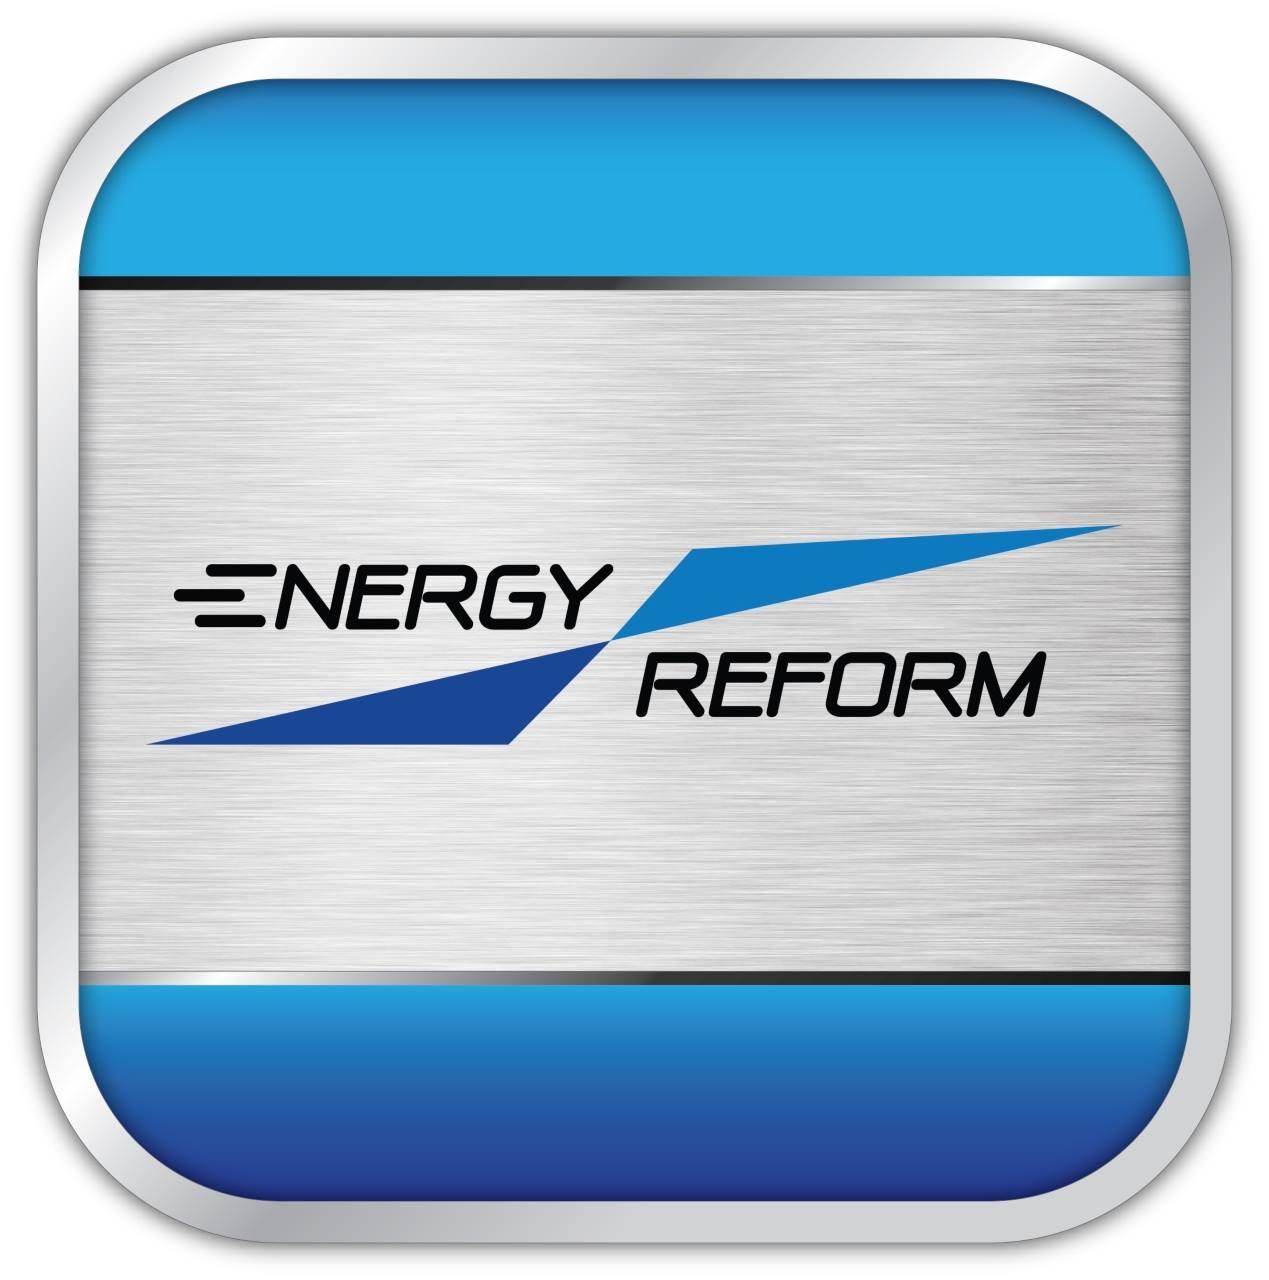 energy-reform-lcon